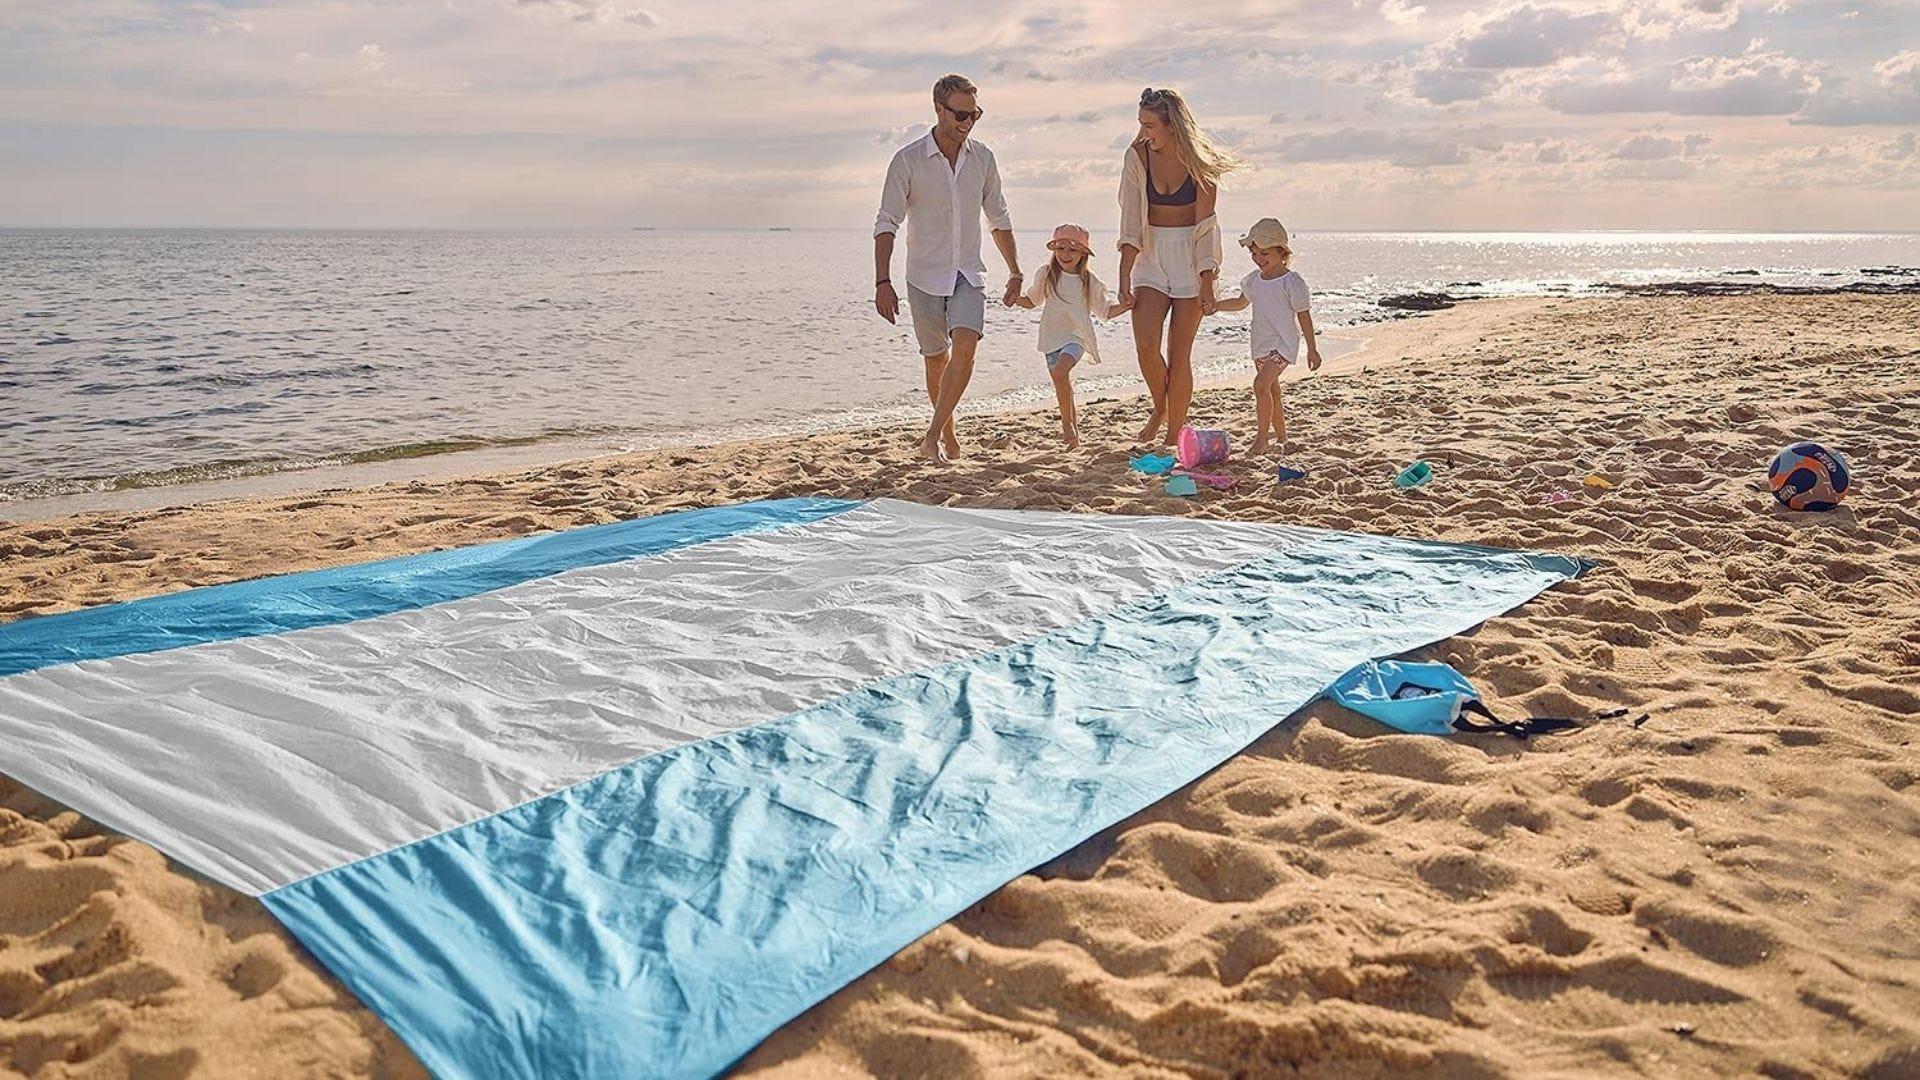 A family walks along the beach near a large beach blanket